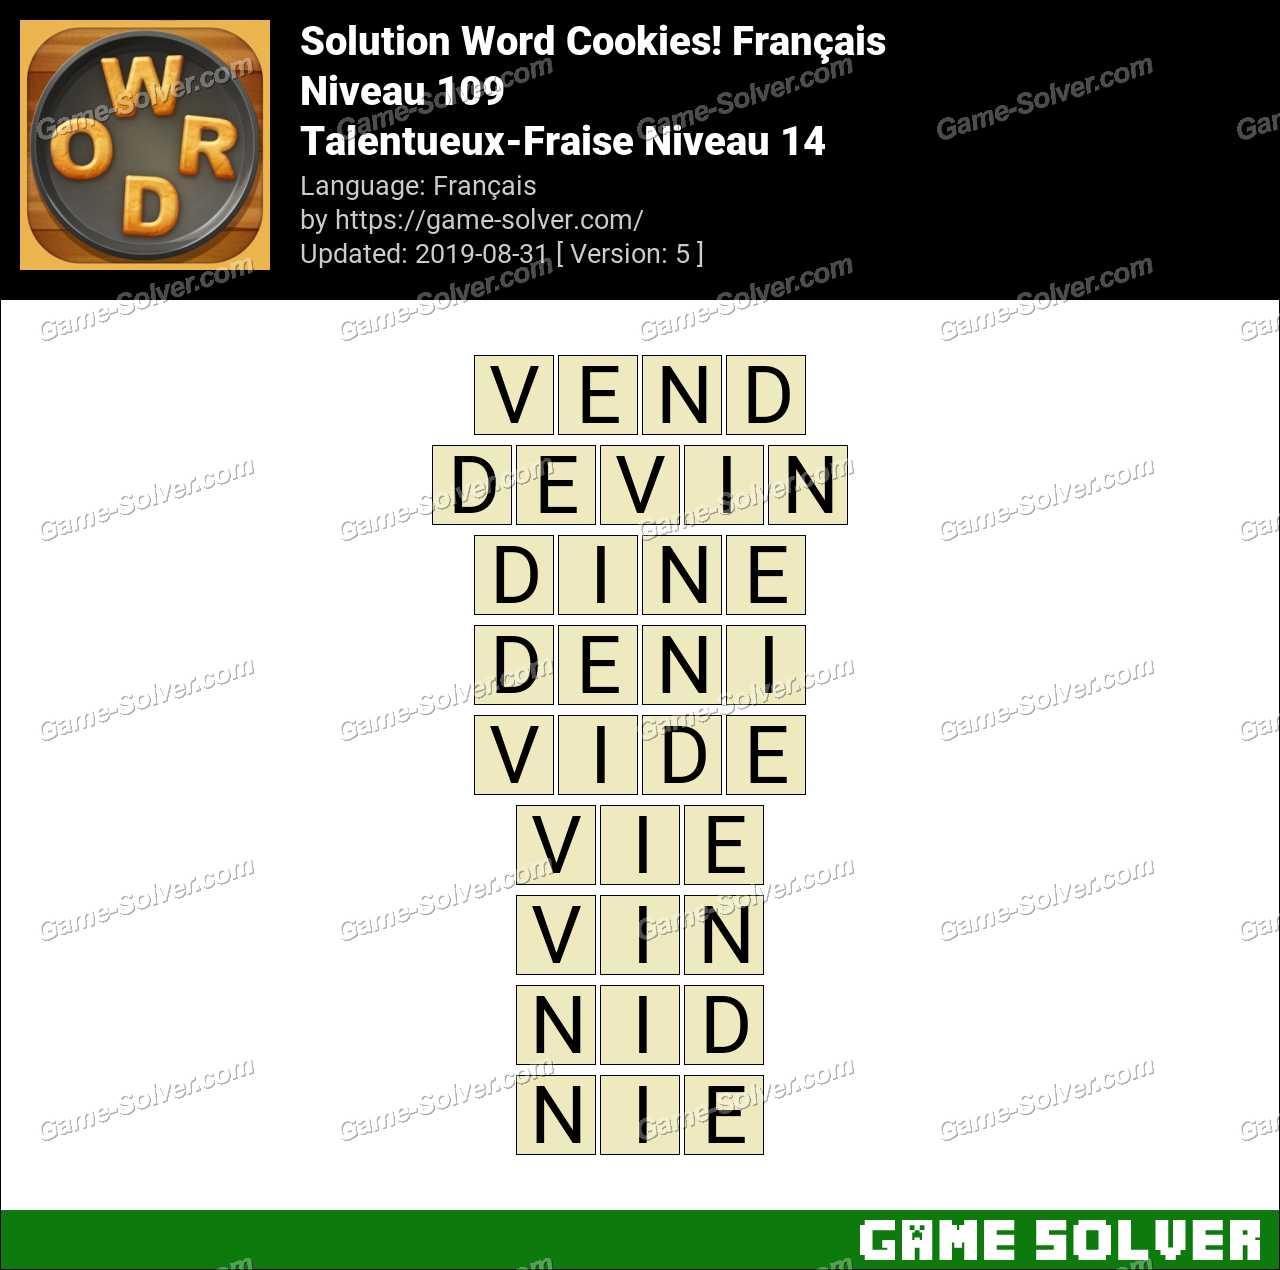 Solution Word Cookies Talentueux-Fraise Niveau 14